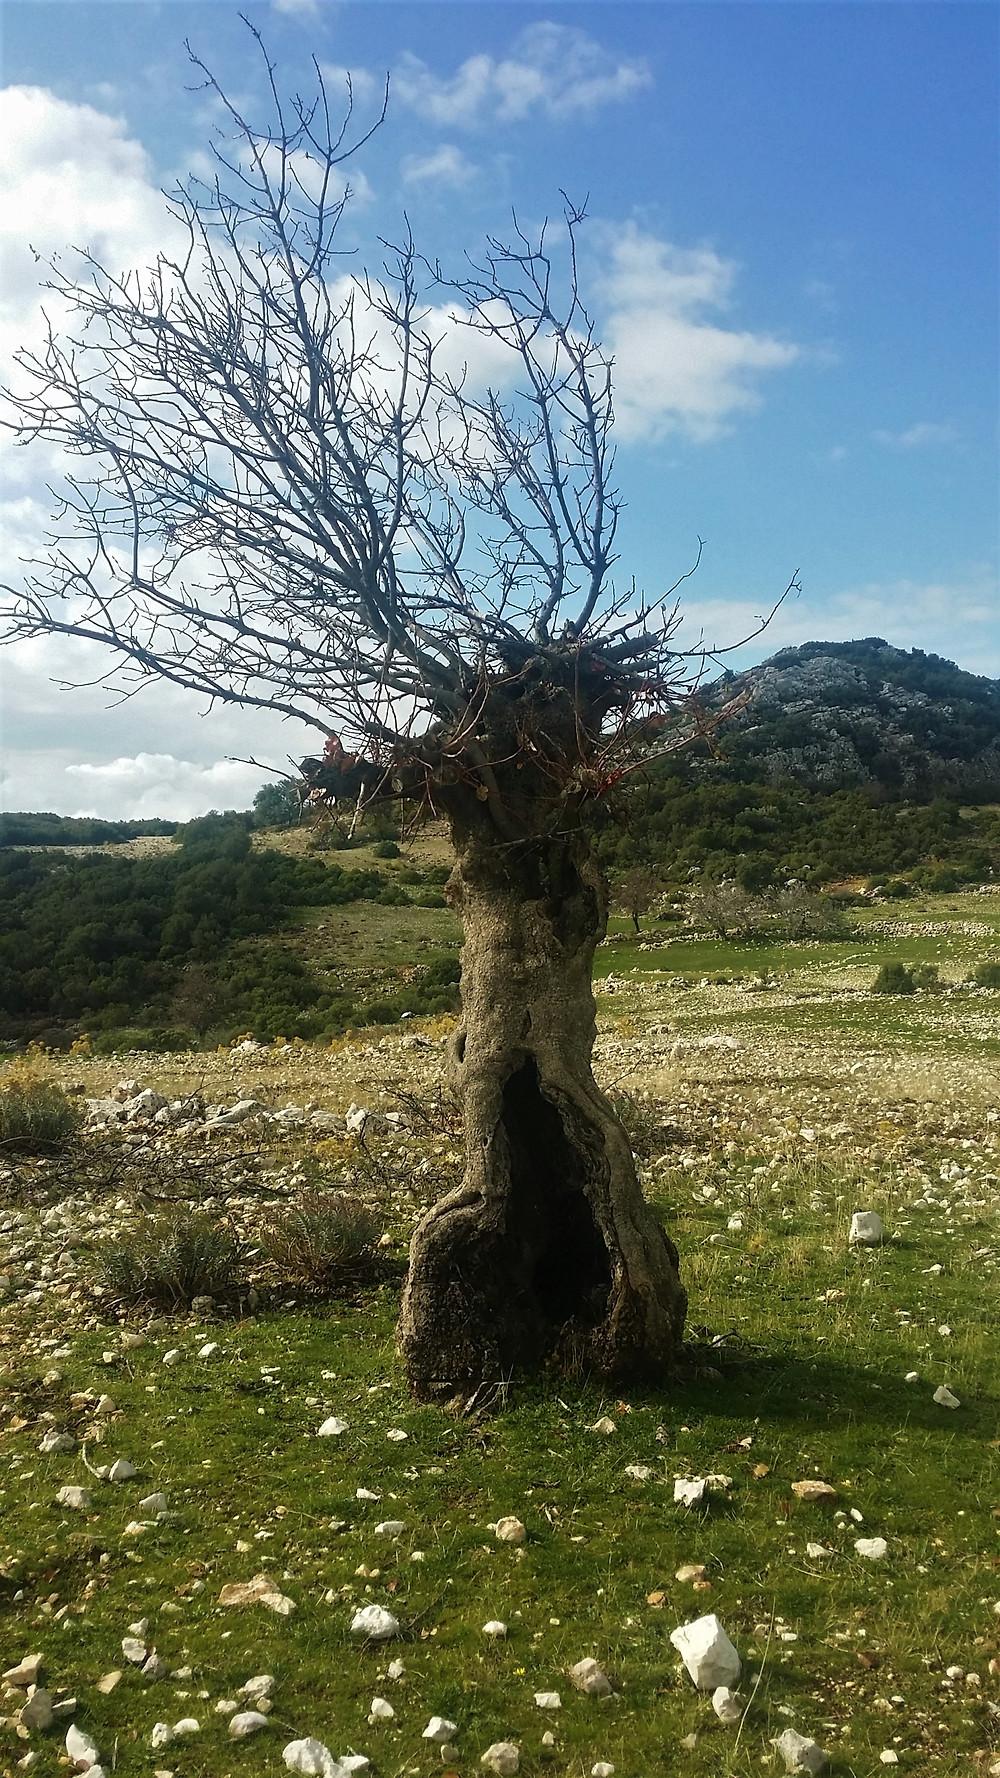 Stunted tree on lycian way near Sarıbelen